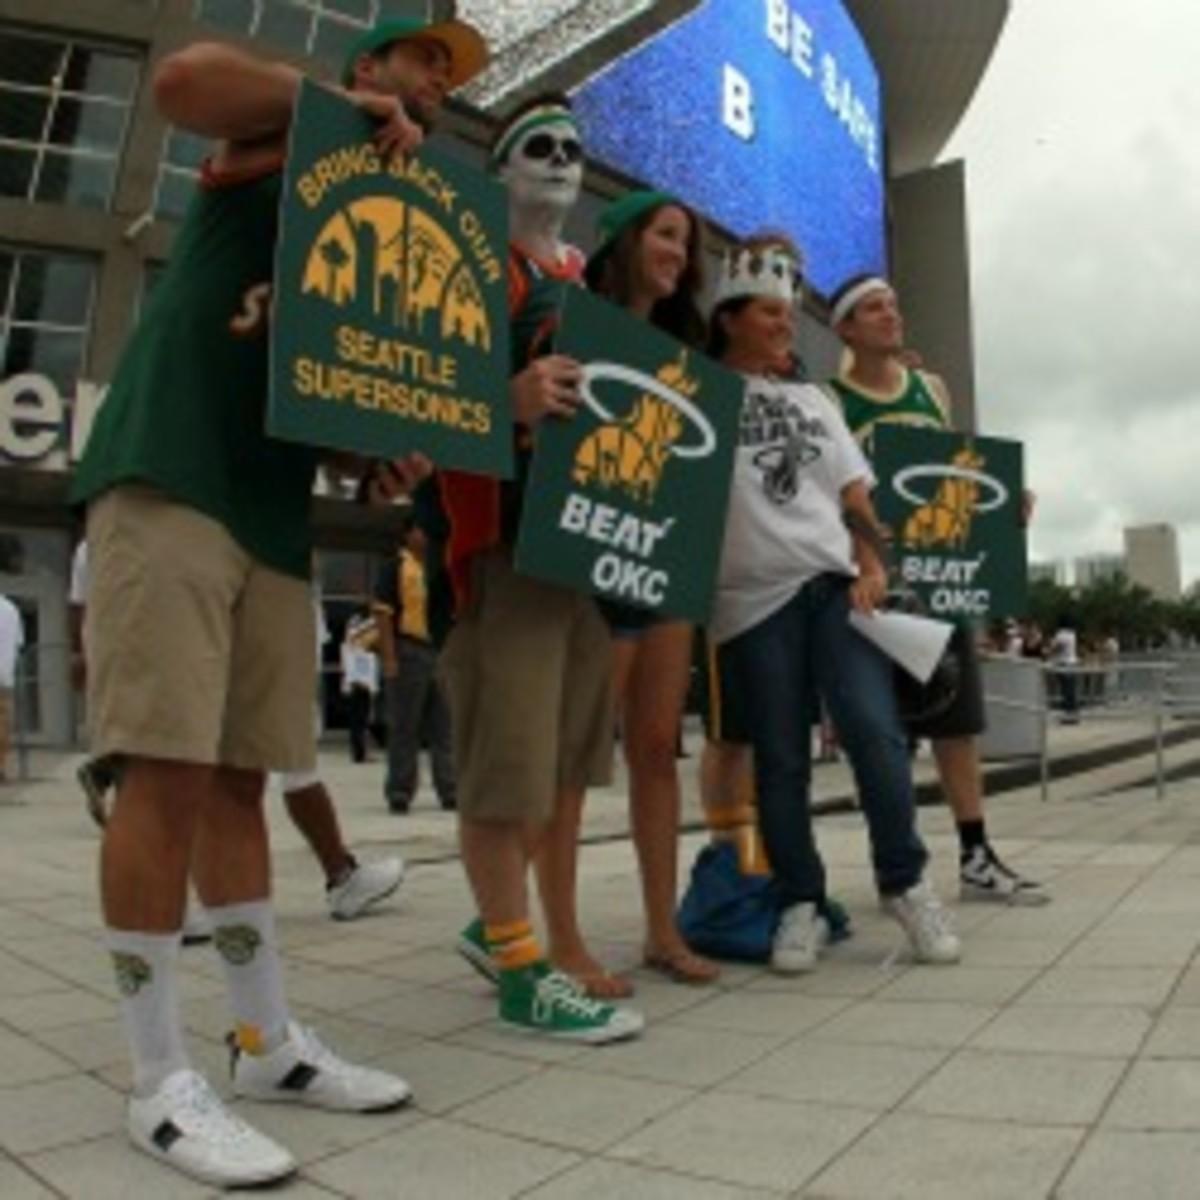 Seattle Supersonics fans